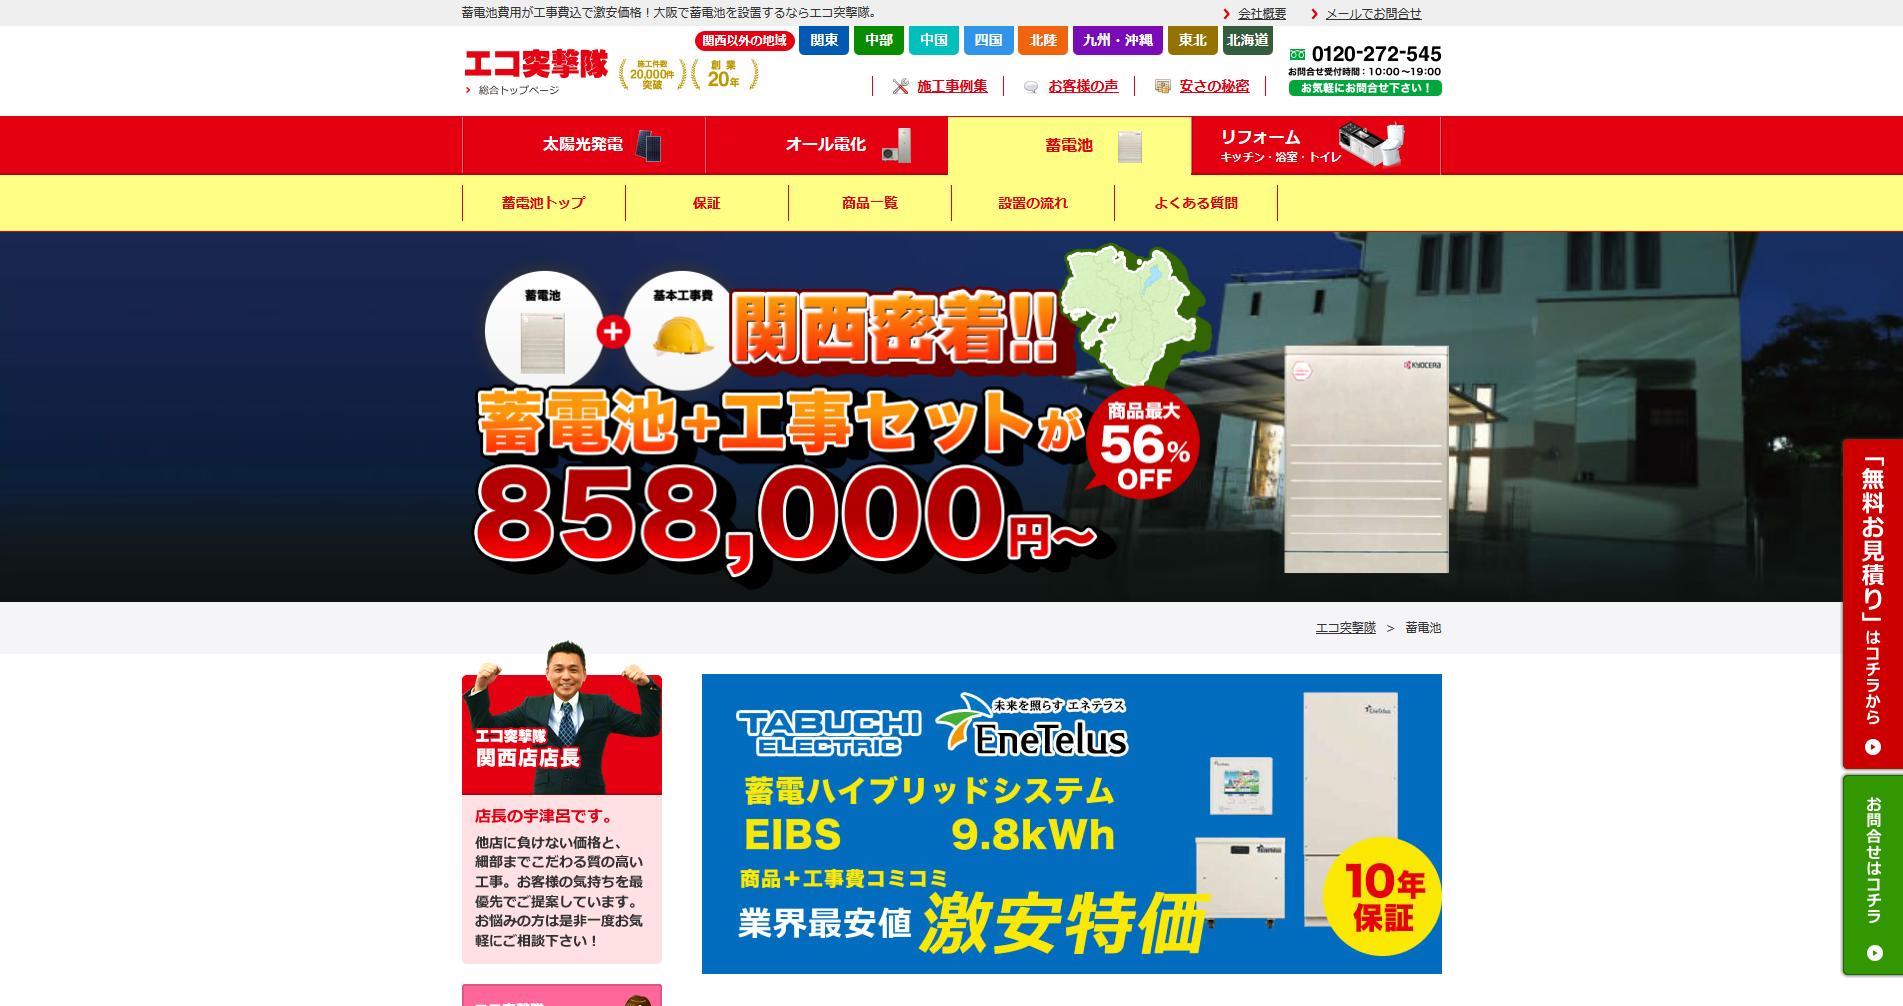 エコ突撃隊(株式会社ステイ)の画像